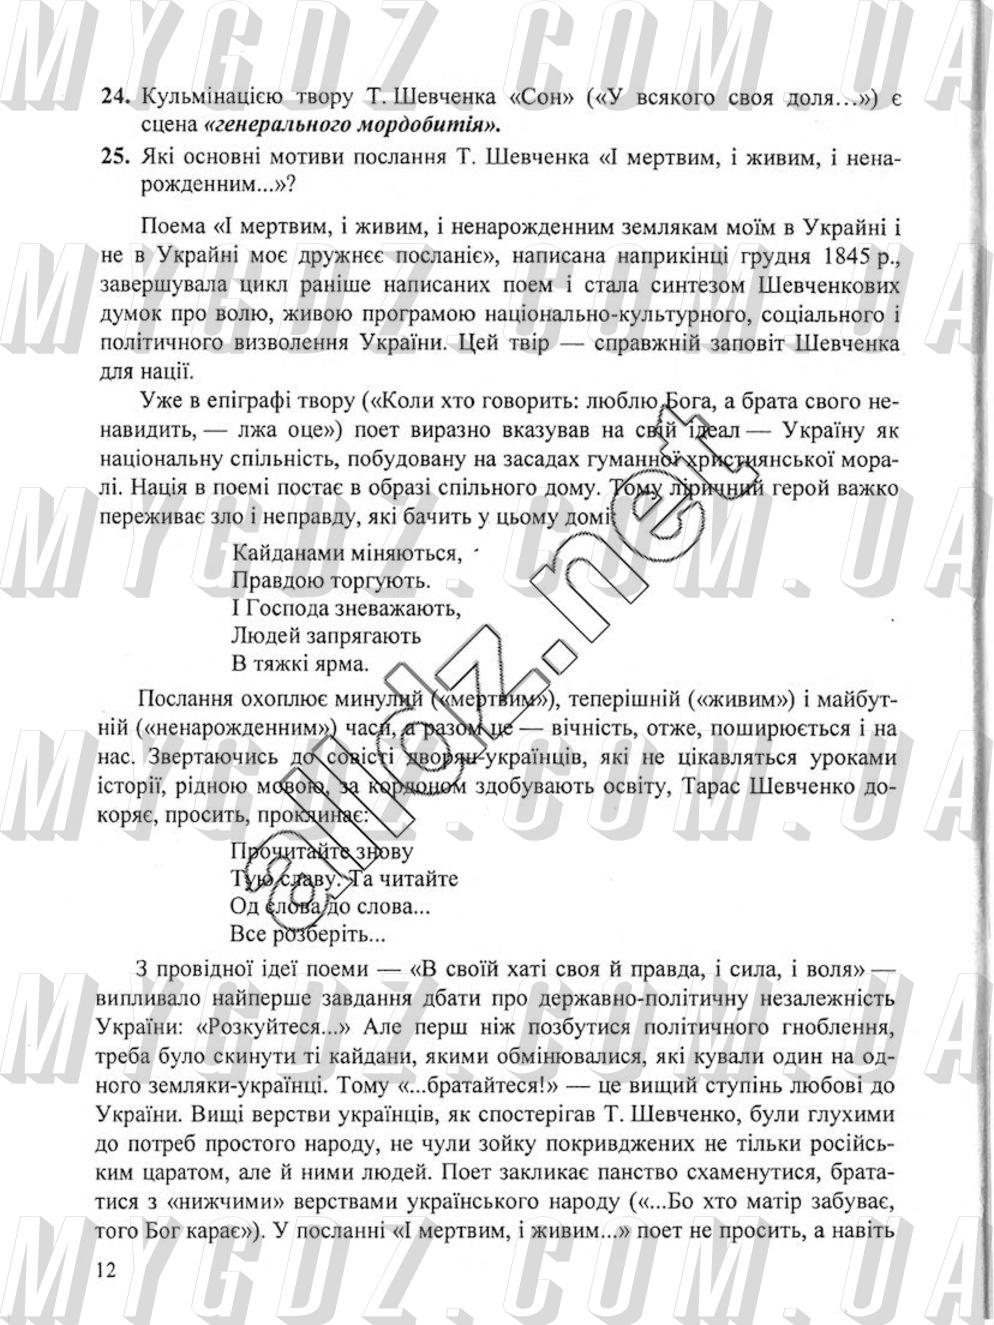 ГДЗ Сторінка 12 2017 Витвицька 9 клас